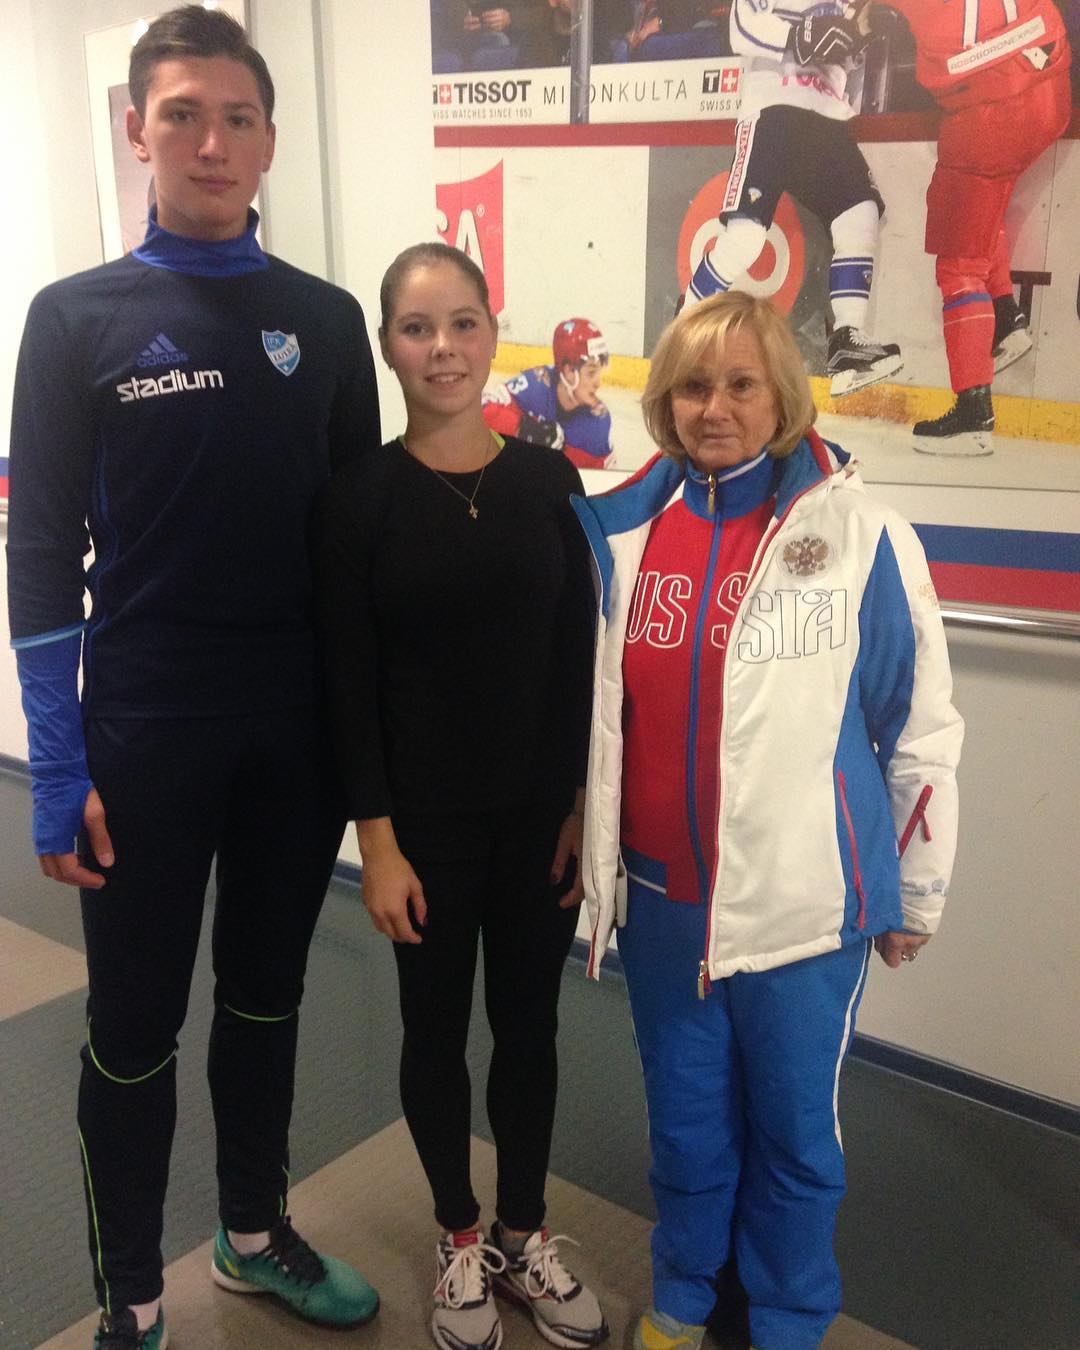 Группа Великовых - СДЮШОР, Академия фигурного катания (Санкт-Петербург) - Страница 5 Eh4JBIdrl3I